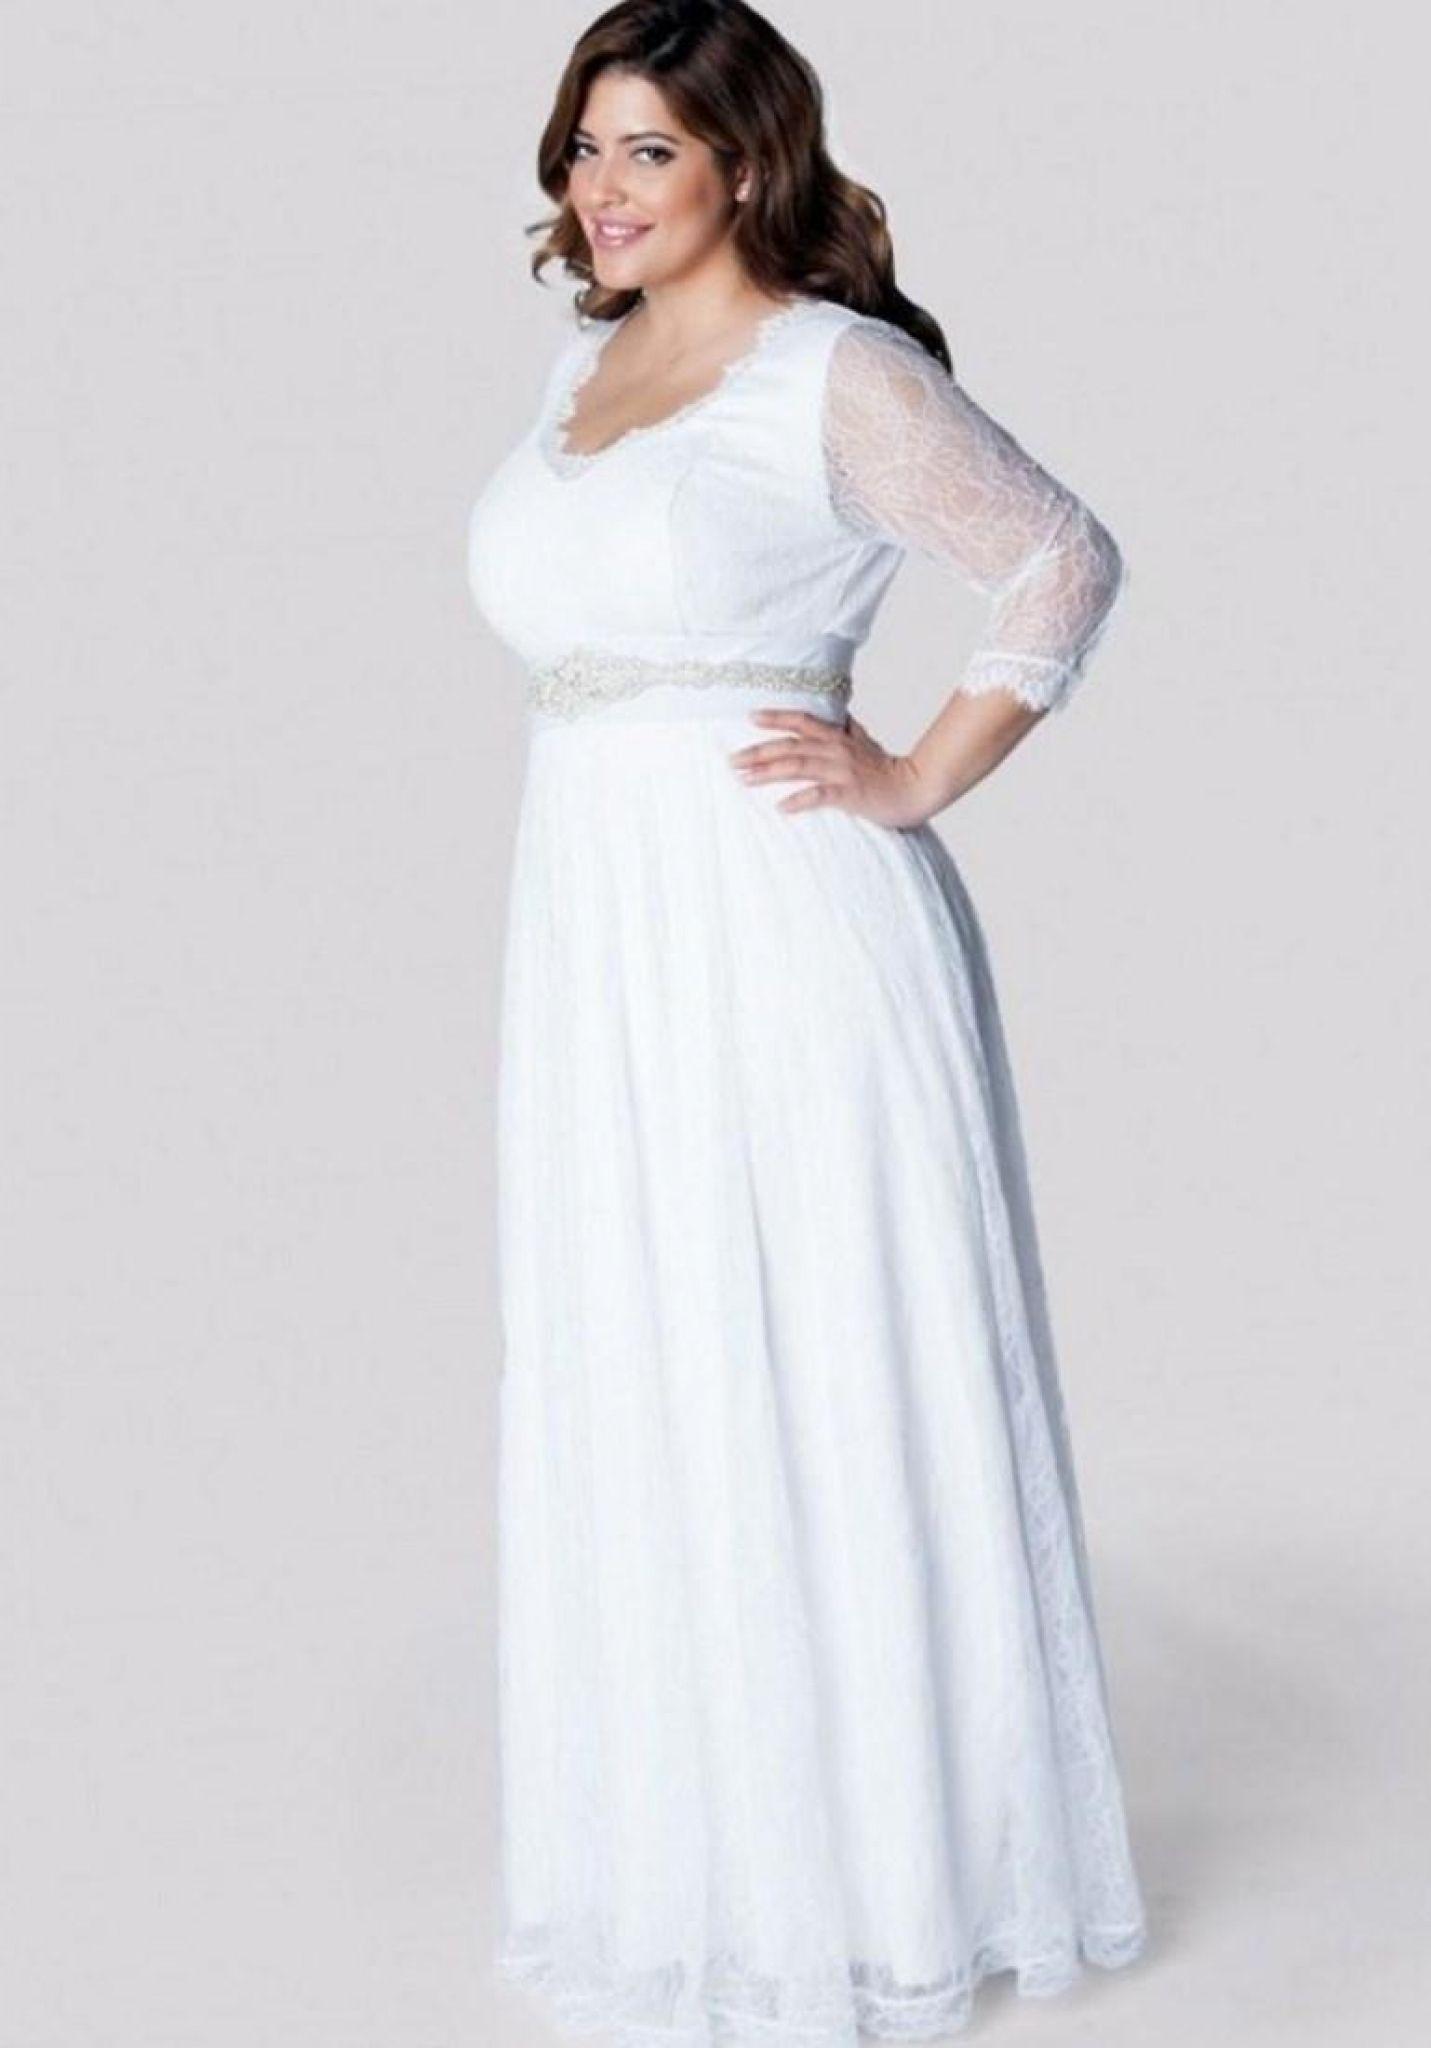 Simple Wedding Dresses For Plus Size Informal Wedding Dresses For Older Brides Check More At H Lace White Dress Informal Wedding Dresses Casual Wedding Dress